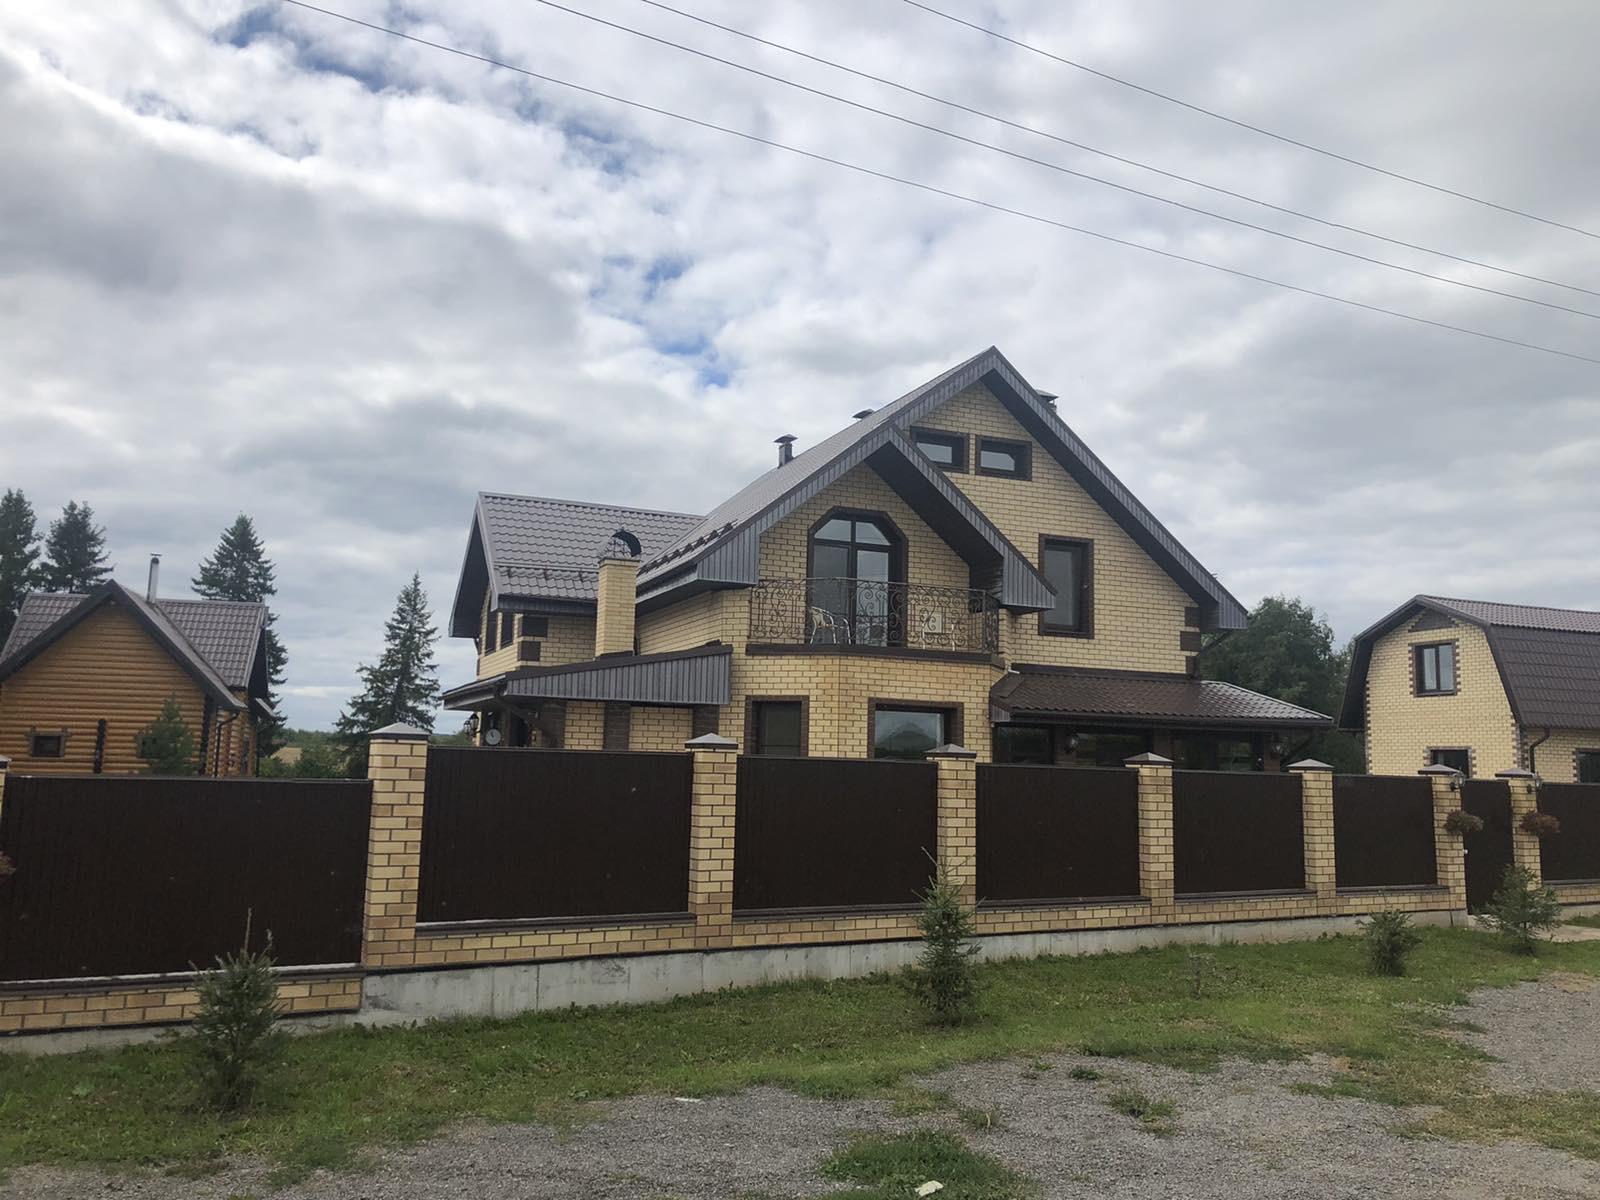 img 6615 kopiya - Дом 11м х 10м с террасой в д. Петряхино